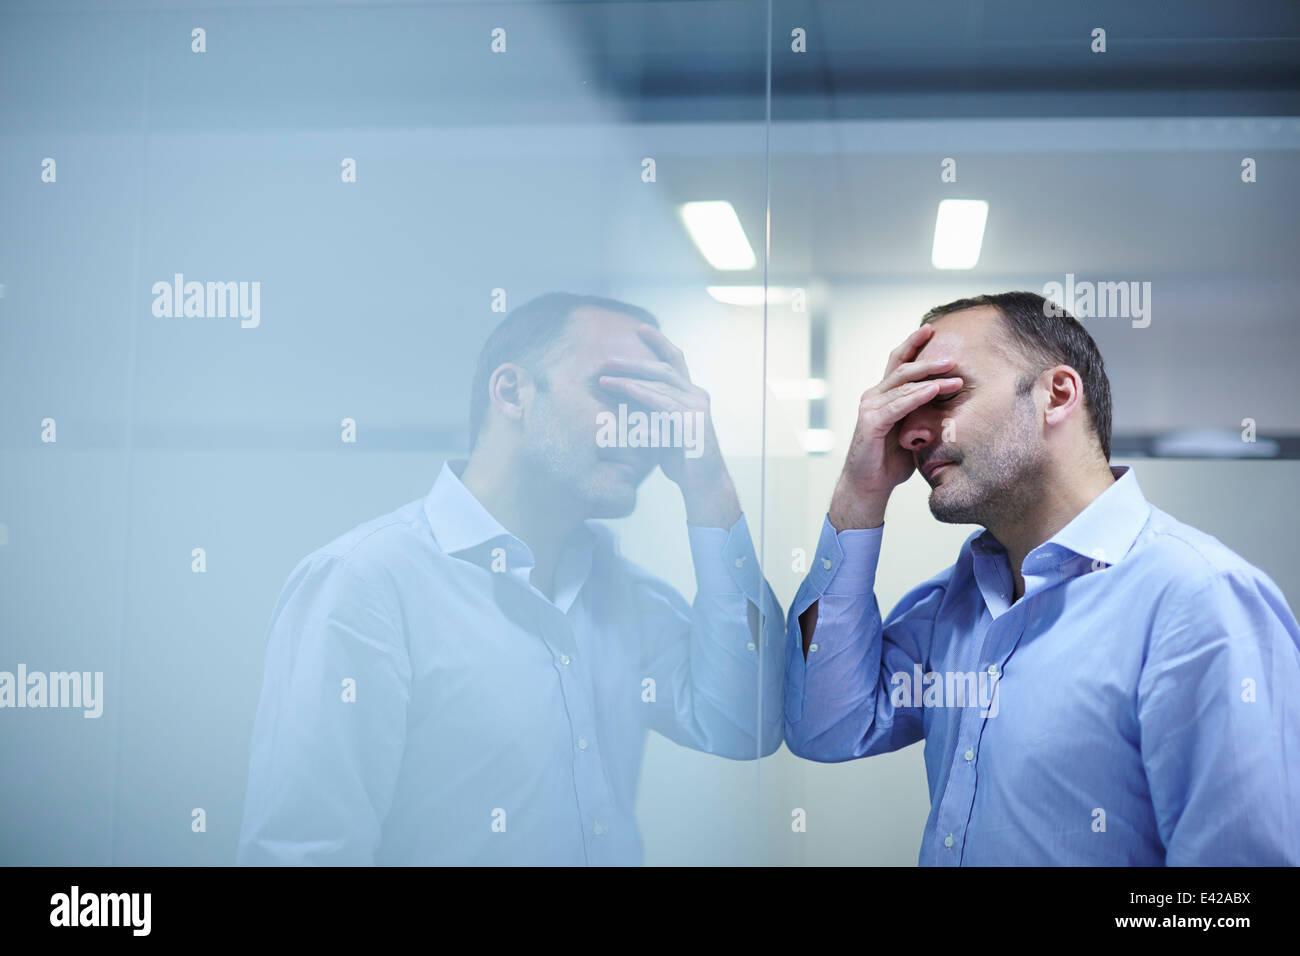 Hombre desesperado mirando la pared reflectante Foto de stock